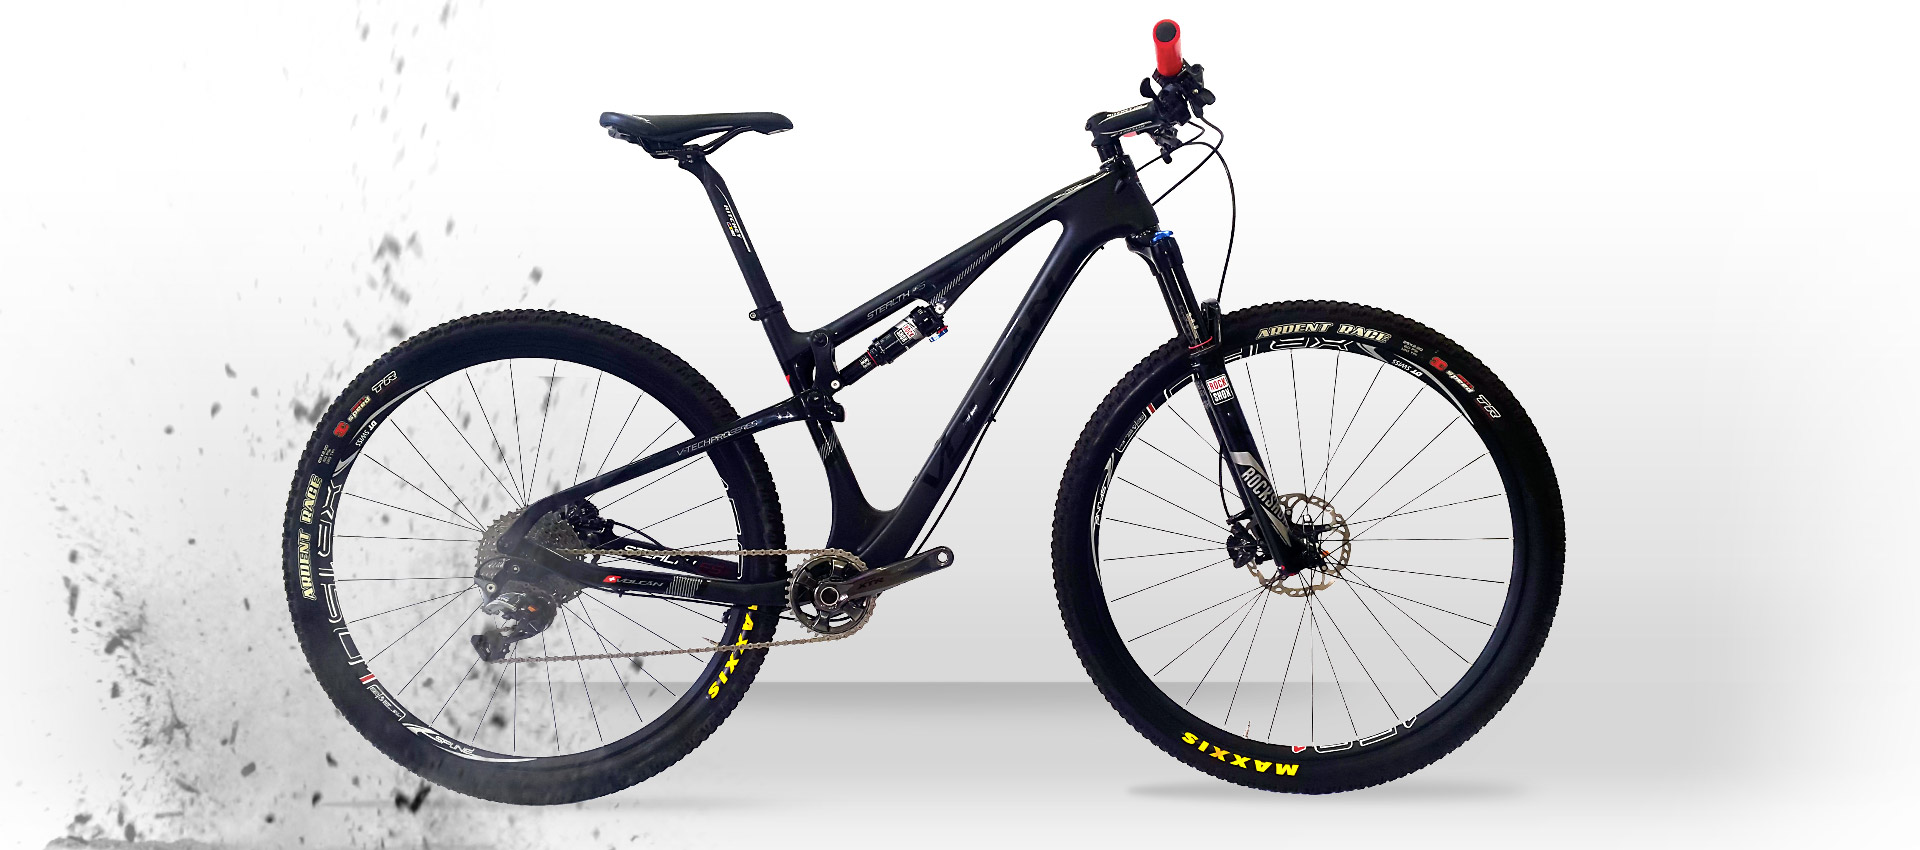 volcan bikes | professional mountain bikes